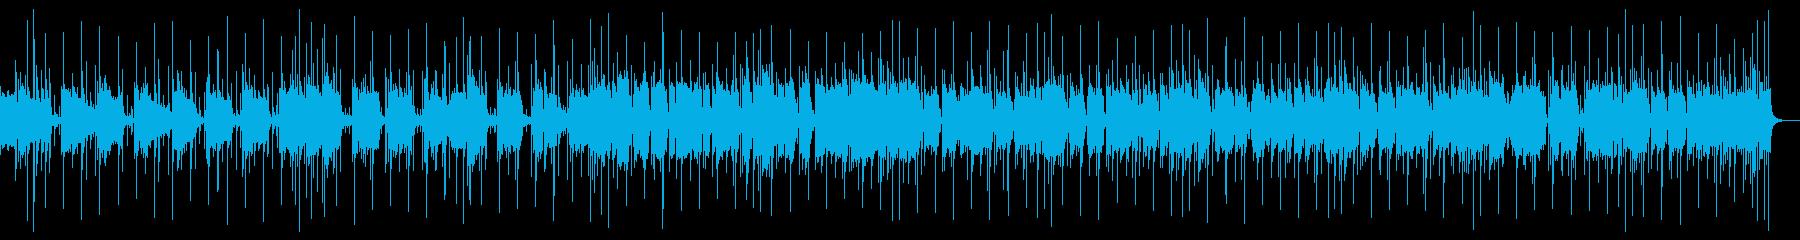 ドラムメイン同じパターンのシンプルな曲の再生済みの波形